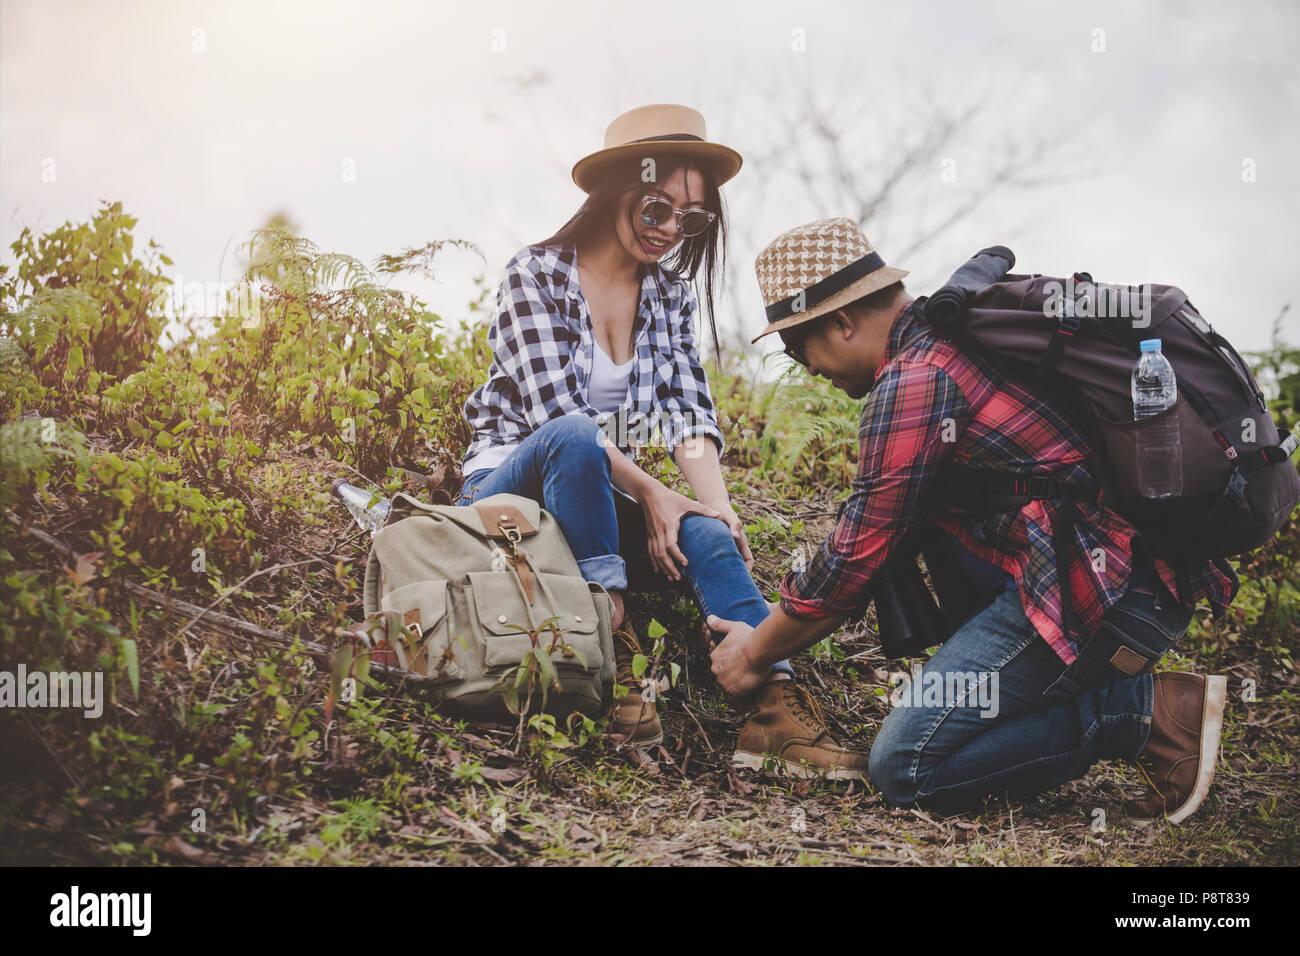 Asiatische junge Paar Reisende zu wandern Knöchelverletzung auf grünem Hintergrund, Wandern Konzept. Stockfoto